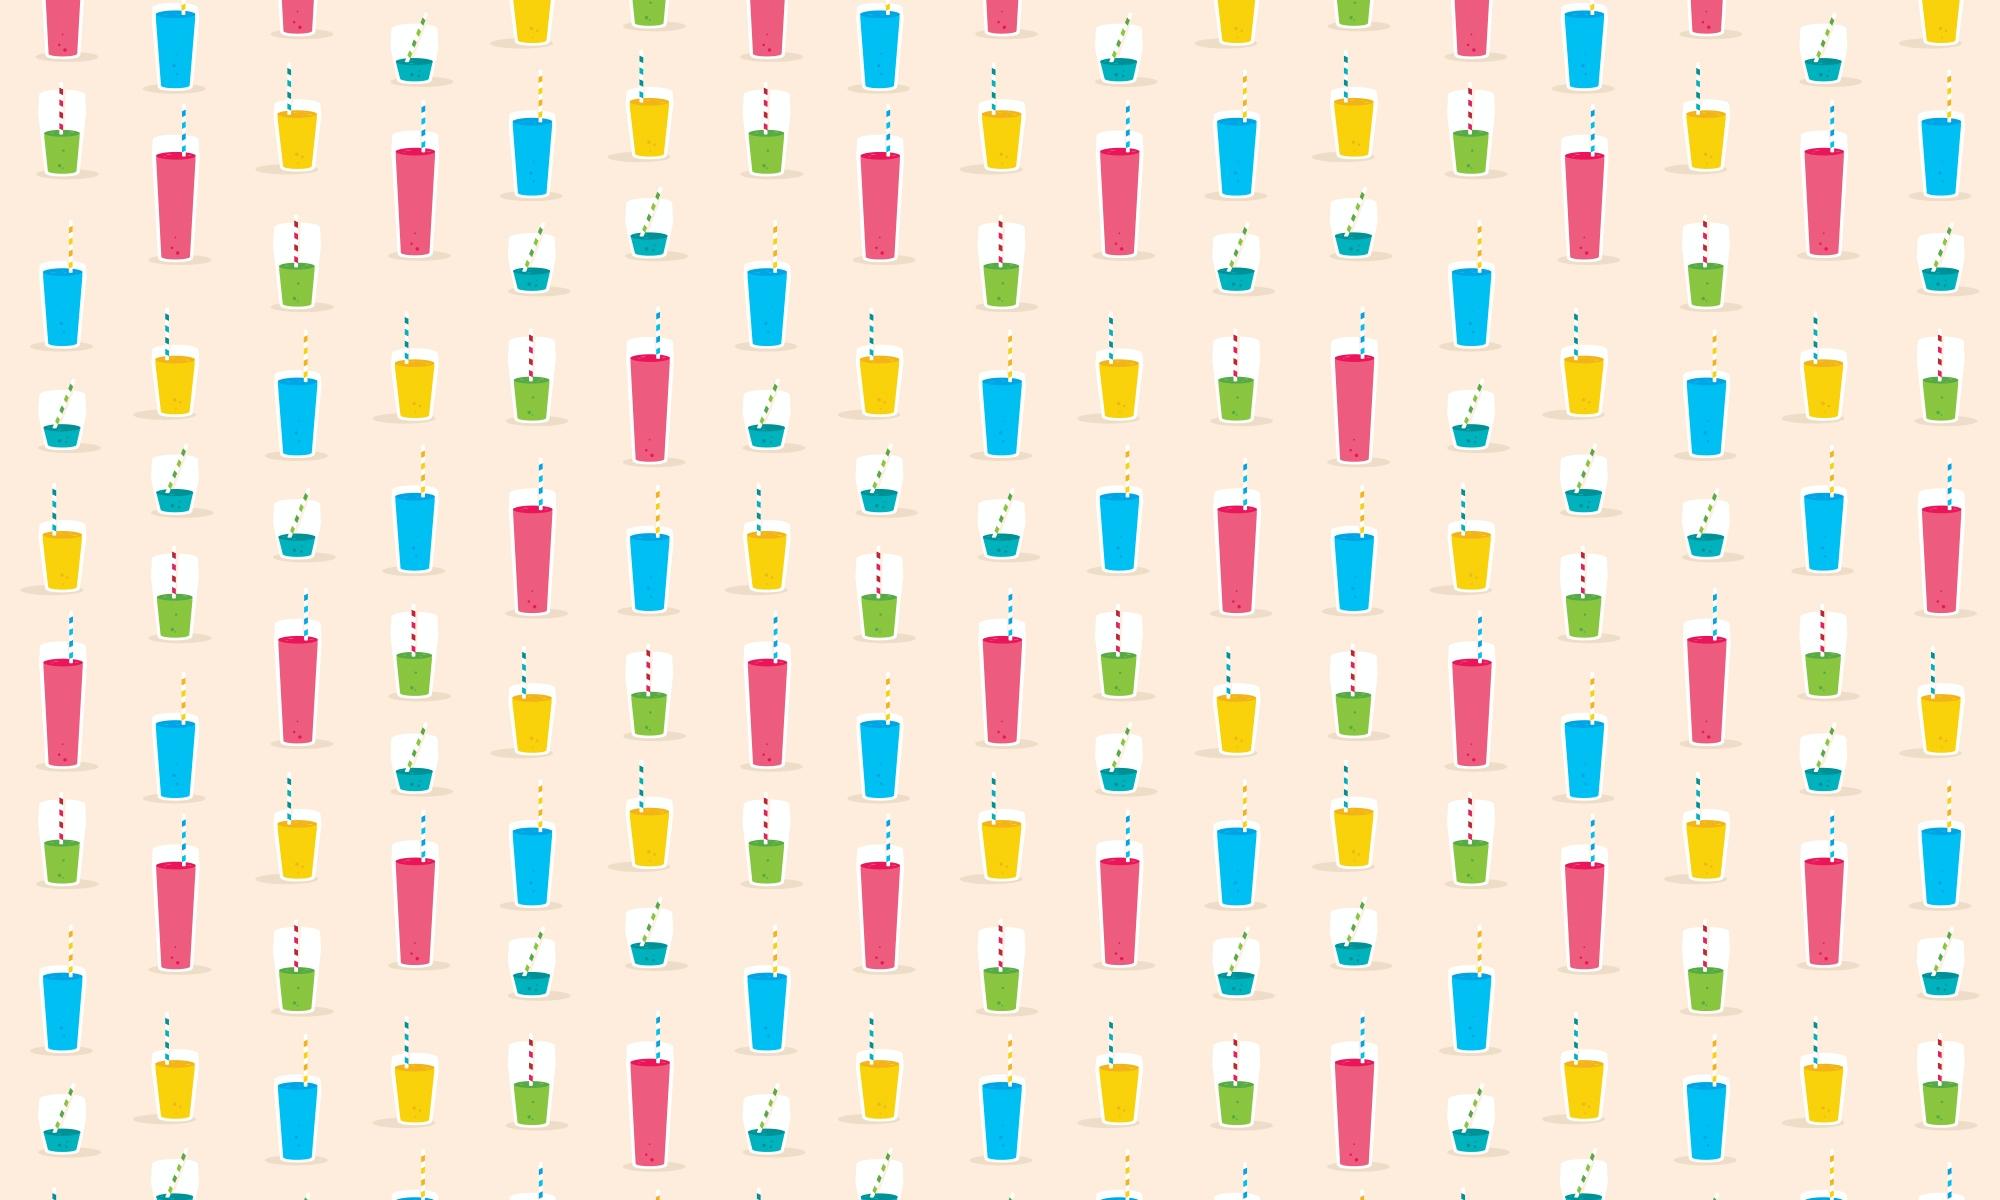 Pencil & TIE ® - Stationery LAB (@pencilandtie) Cover Image